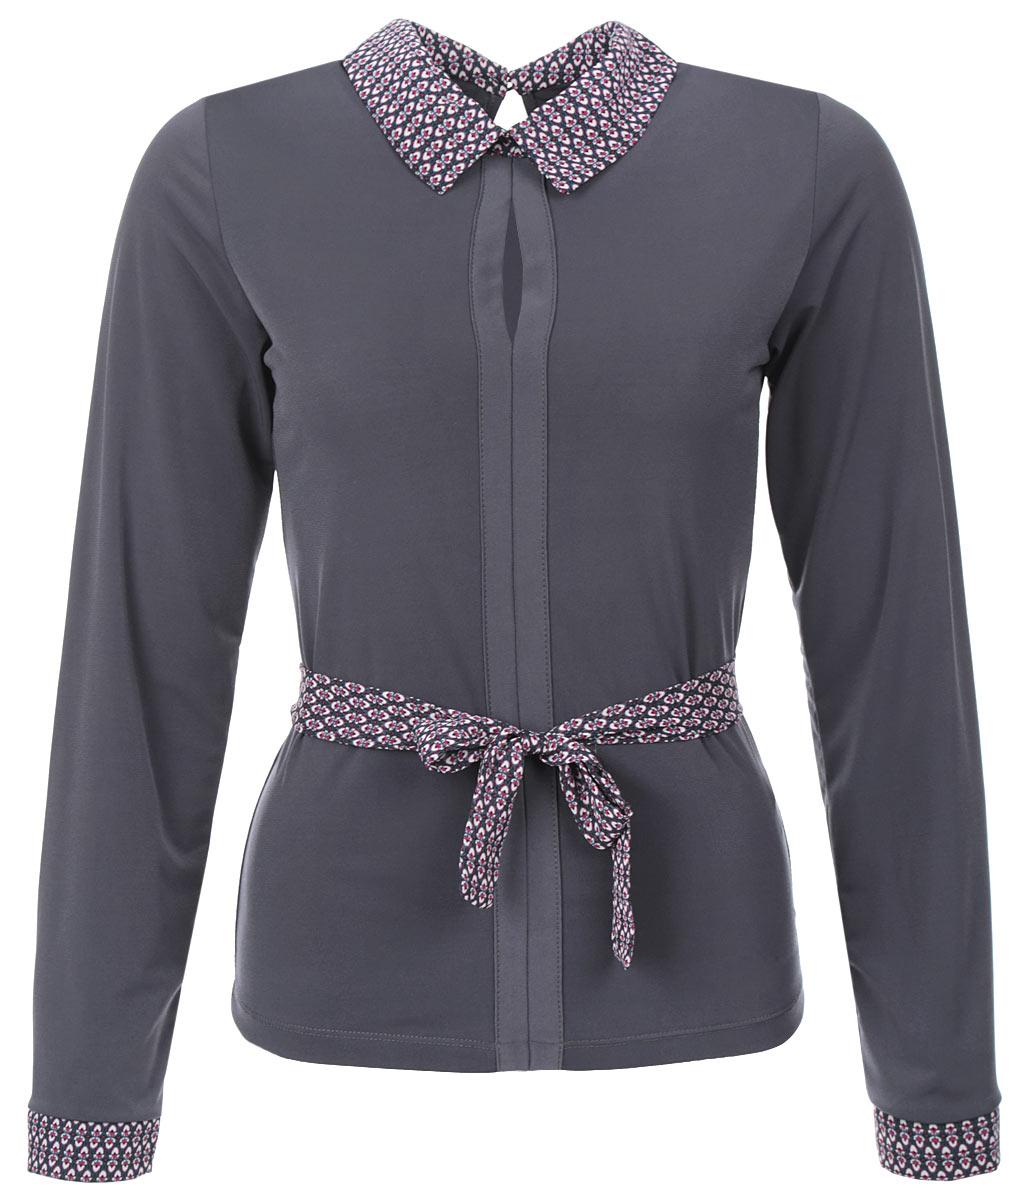 1850-694Очаровательная женская блузка Milana Style, выполненная из синтетического материала ПАН с добавлением эластана, подчеркнет ваш уникальный стиль и поможет создать оригинальный женственный образ. Материал очень легкий, мягкий и приятный на ощупь, не сковывает движения и хорошо вентилируется. Блузка с длинными рукавами и отложным воротником застегивается на спинке на одну пуговицу, образуя при этом вырез капельку. Лицевая сторона блузки оформлена декоративными сшивными планками с разрезом на груди, дополнена блузка текстильным поясом. Такая блузка будет дарить вам комфорт в течение всего дня и послужит замечательным дополнением к вашему гардеробу.